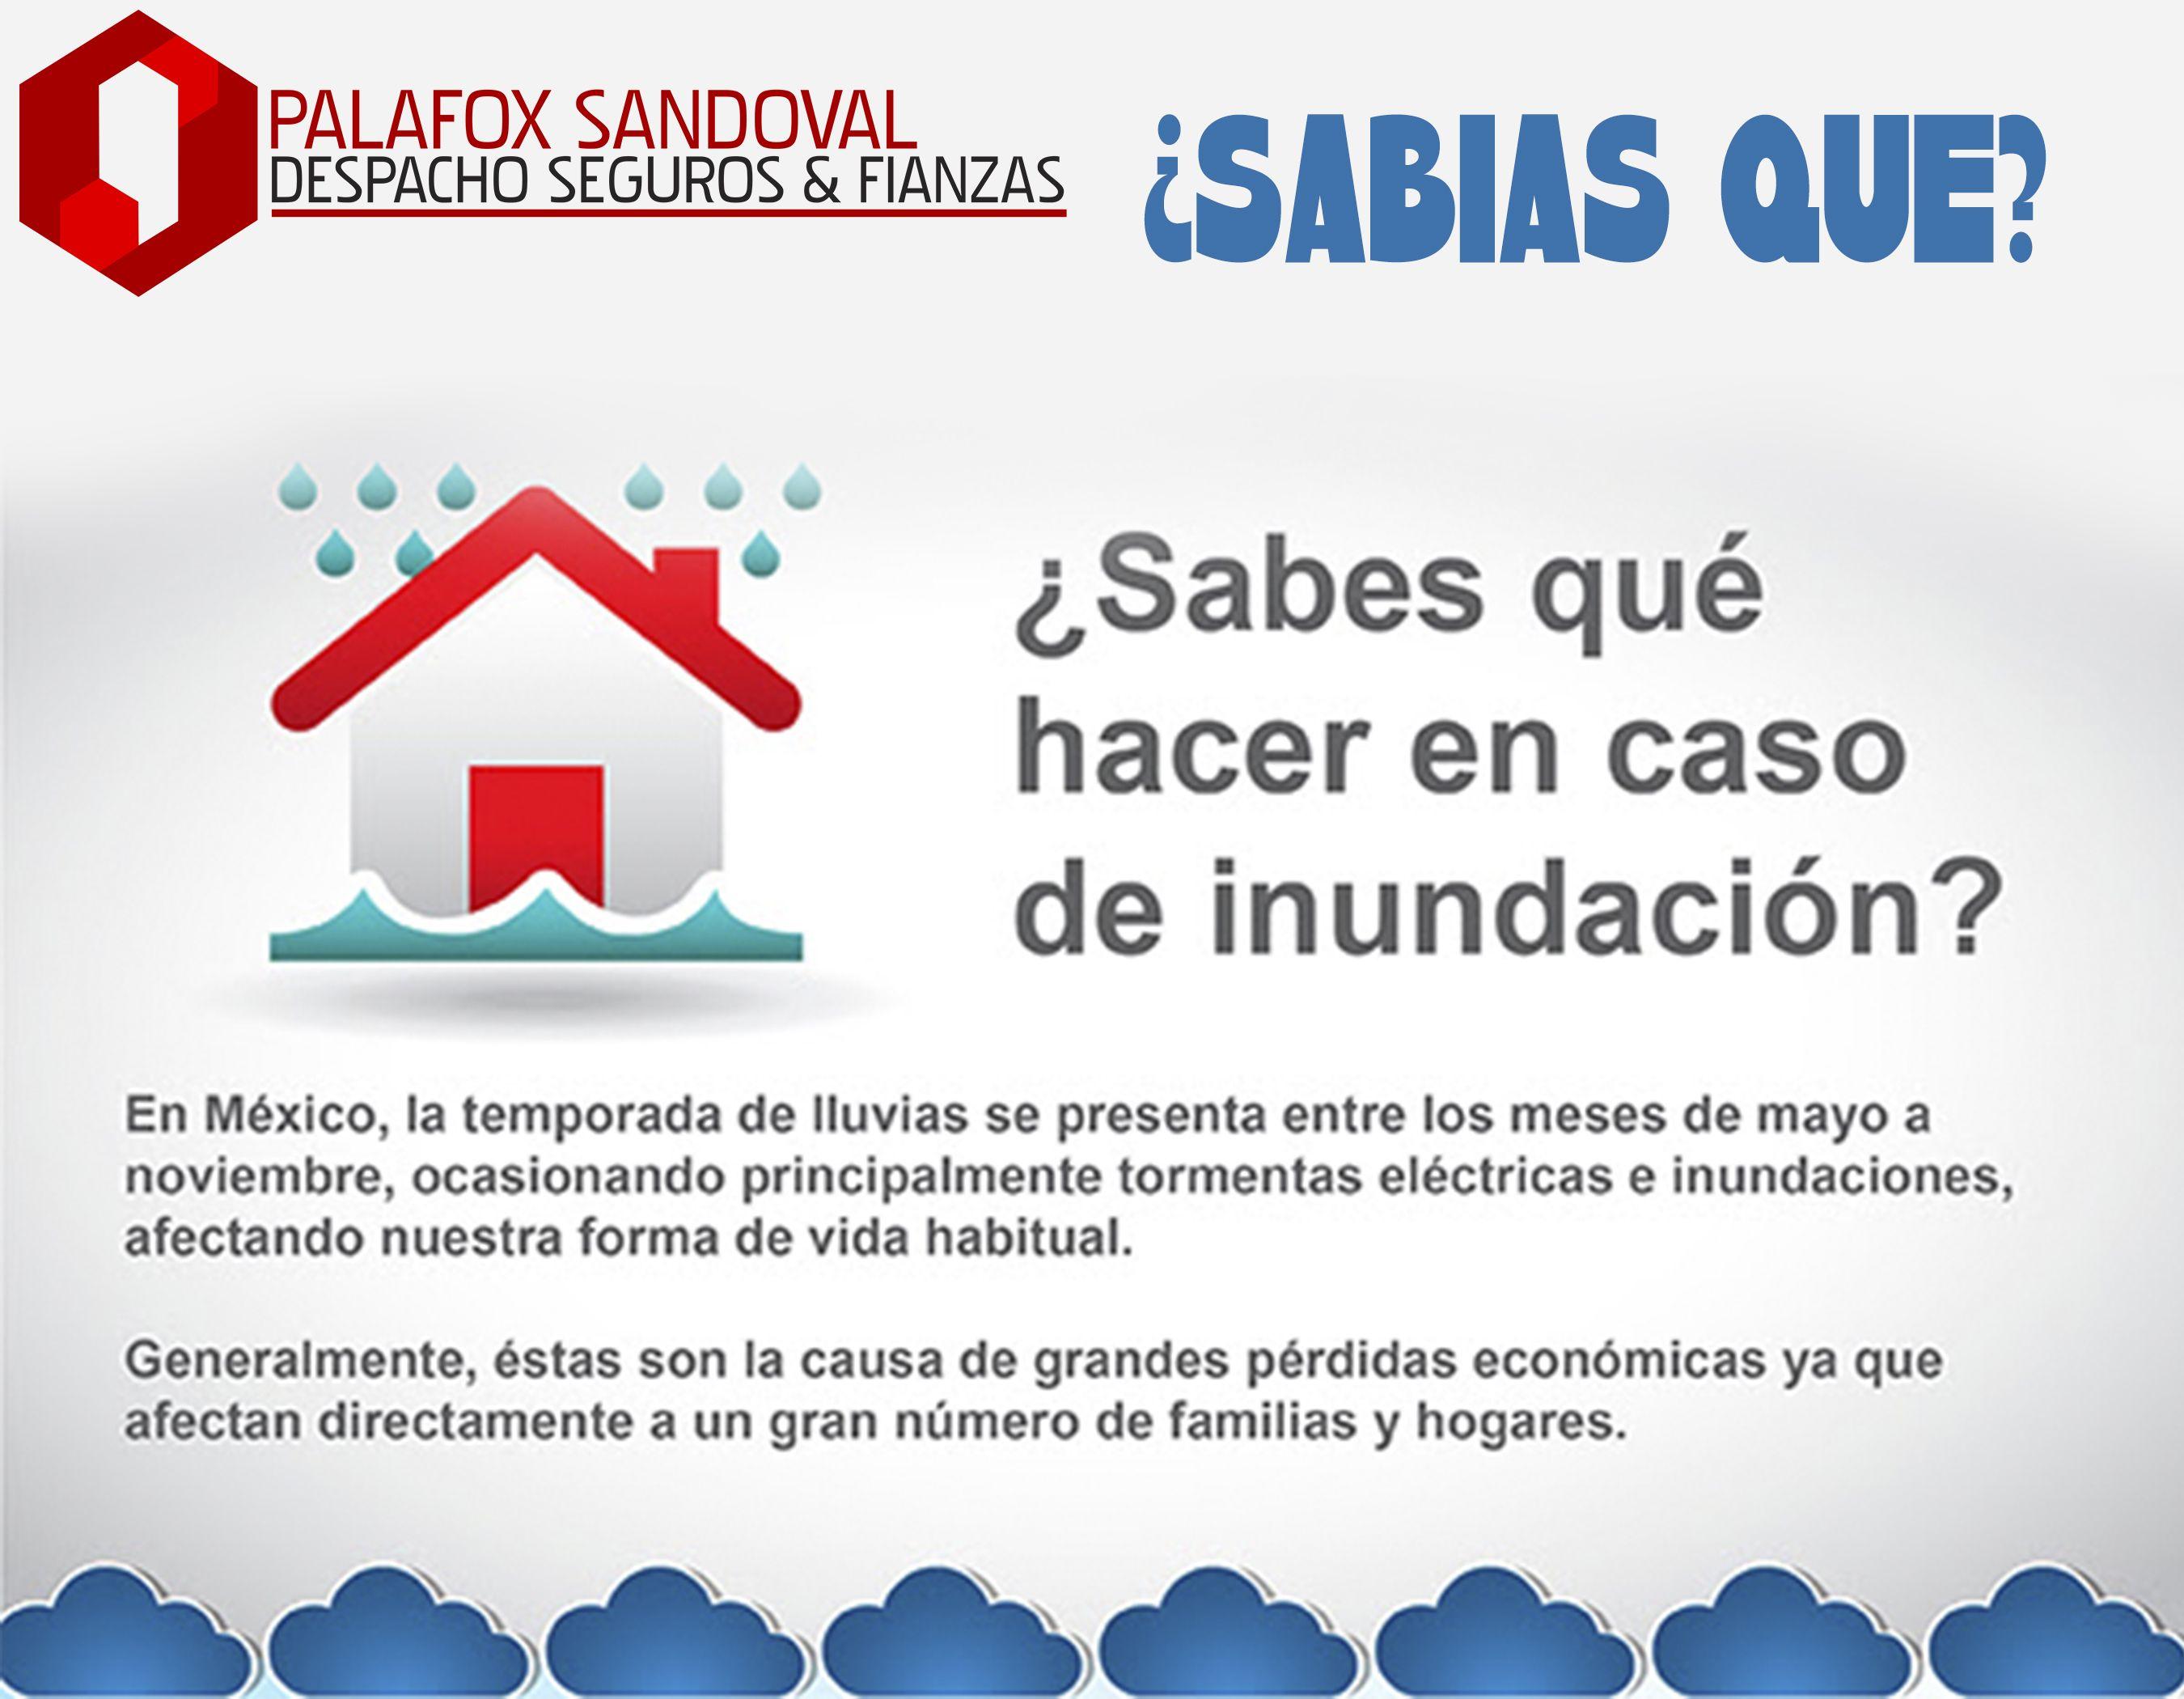 #SabiasQue #QueHacerEnCasoDe #Inundación